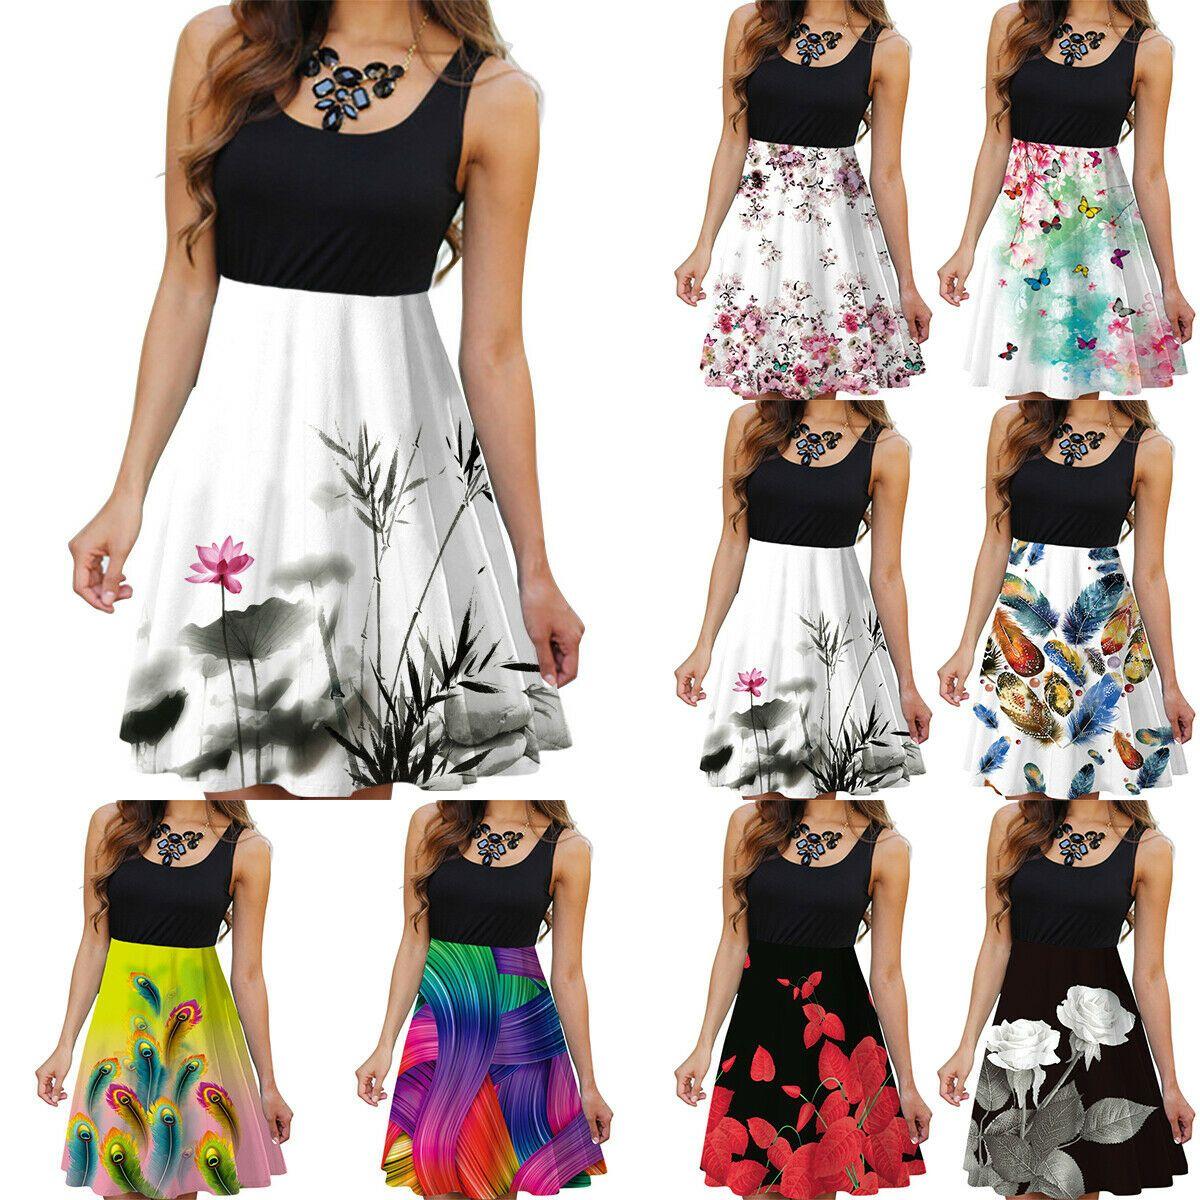 DE Damen Geblümt Ärmellos Strandkleid Sommerkleid Minikleid Party Blumen Kleider